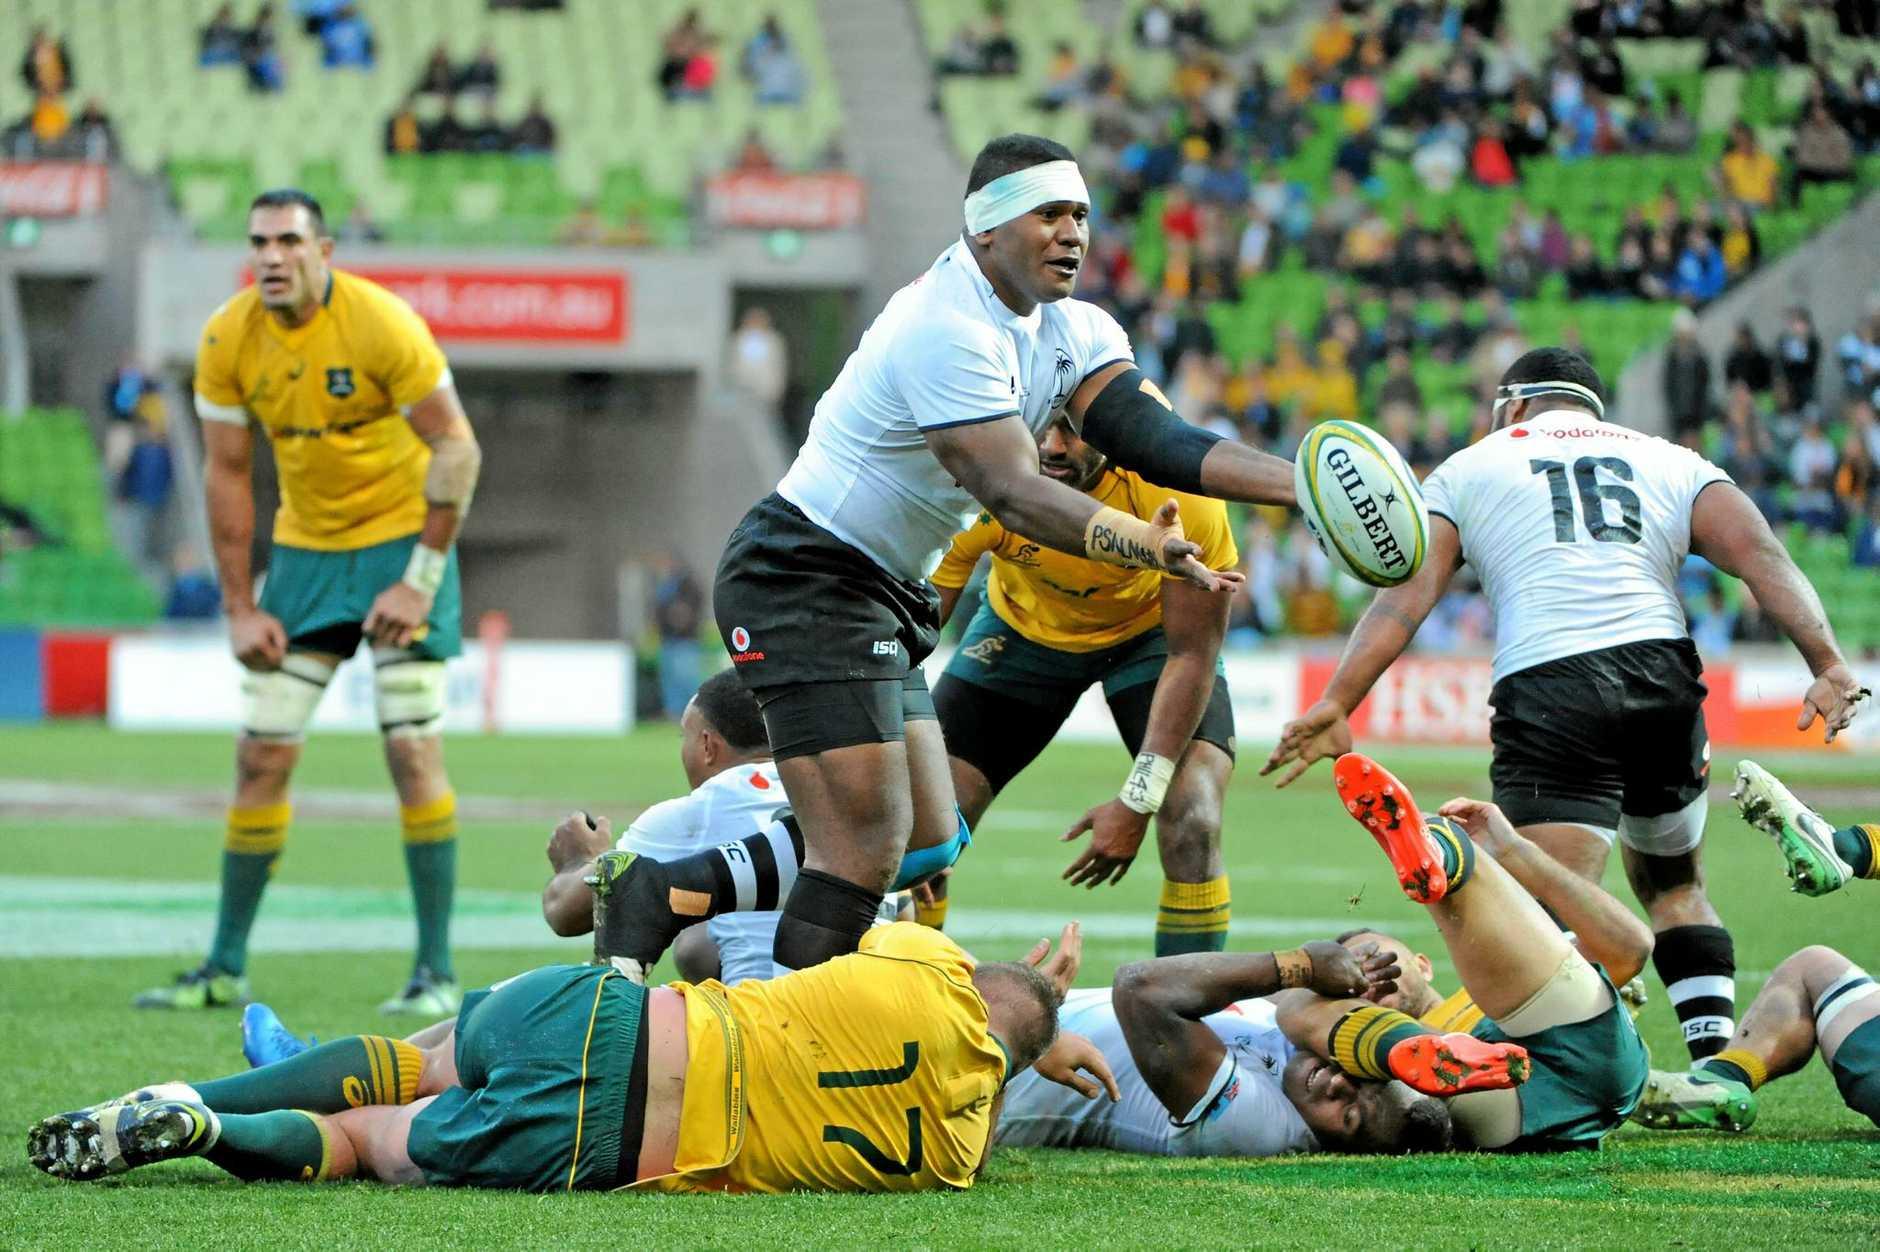 Fiji's Joeli Veitayaki fires off a pass.